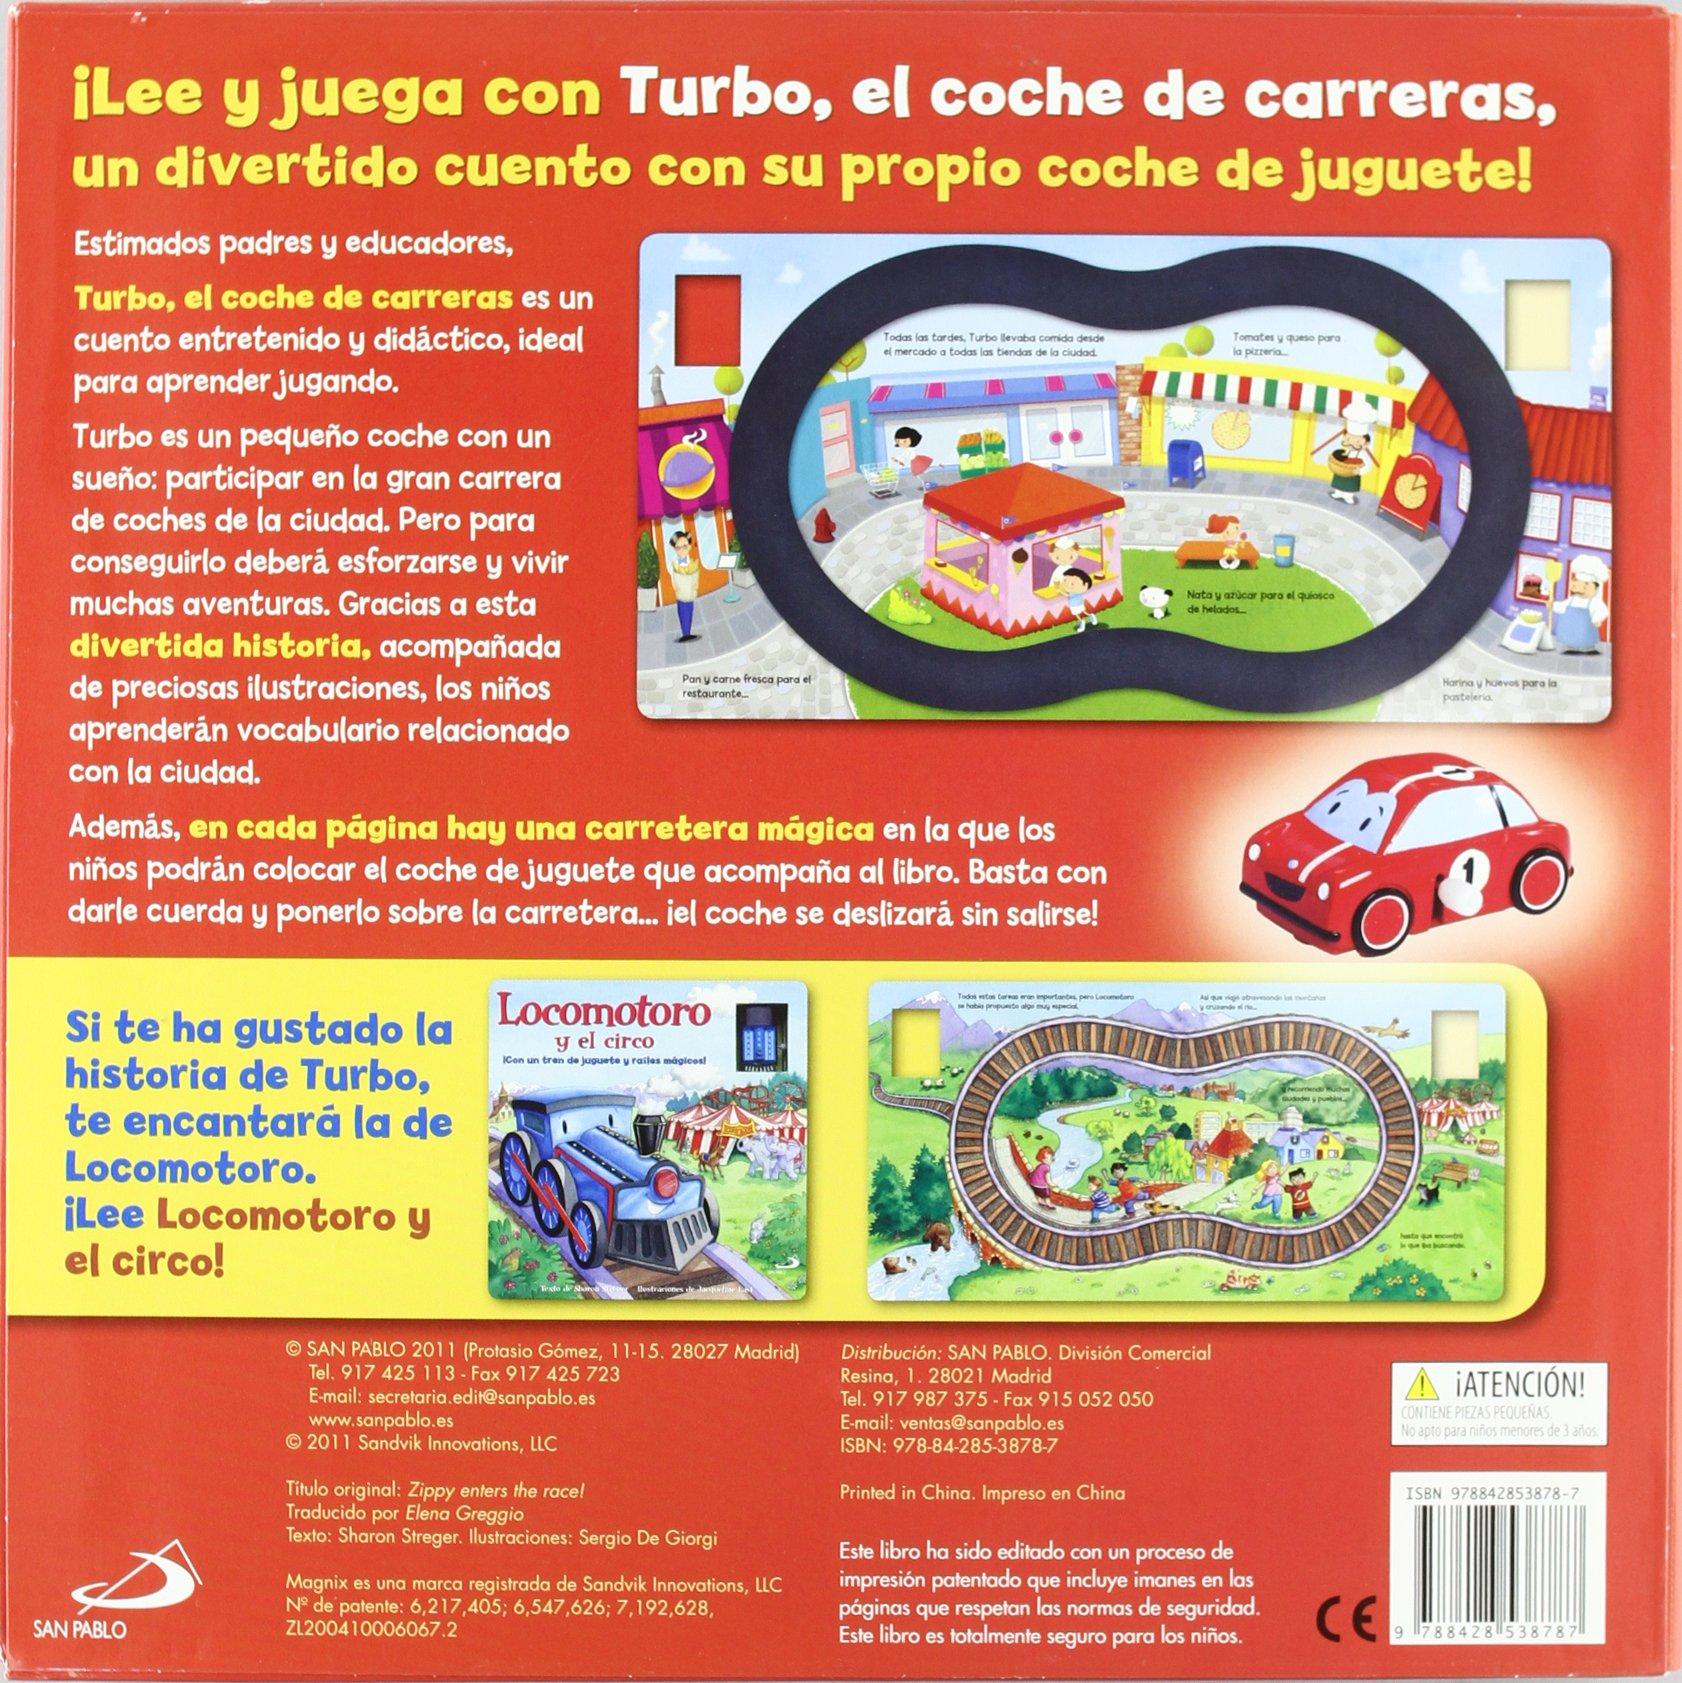 Turbo - el coche de carreras Coches Y Otros Vehiculos: Amazon.es: Aa.Vv.: Libros